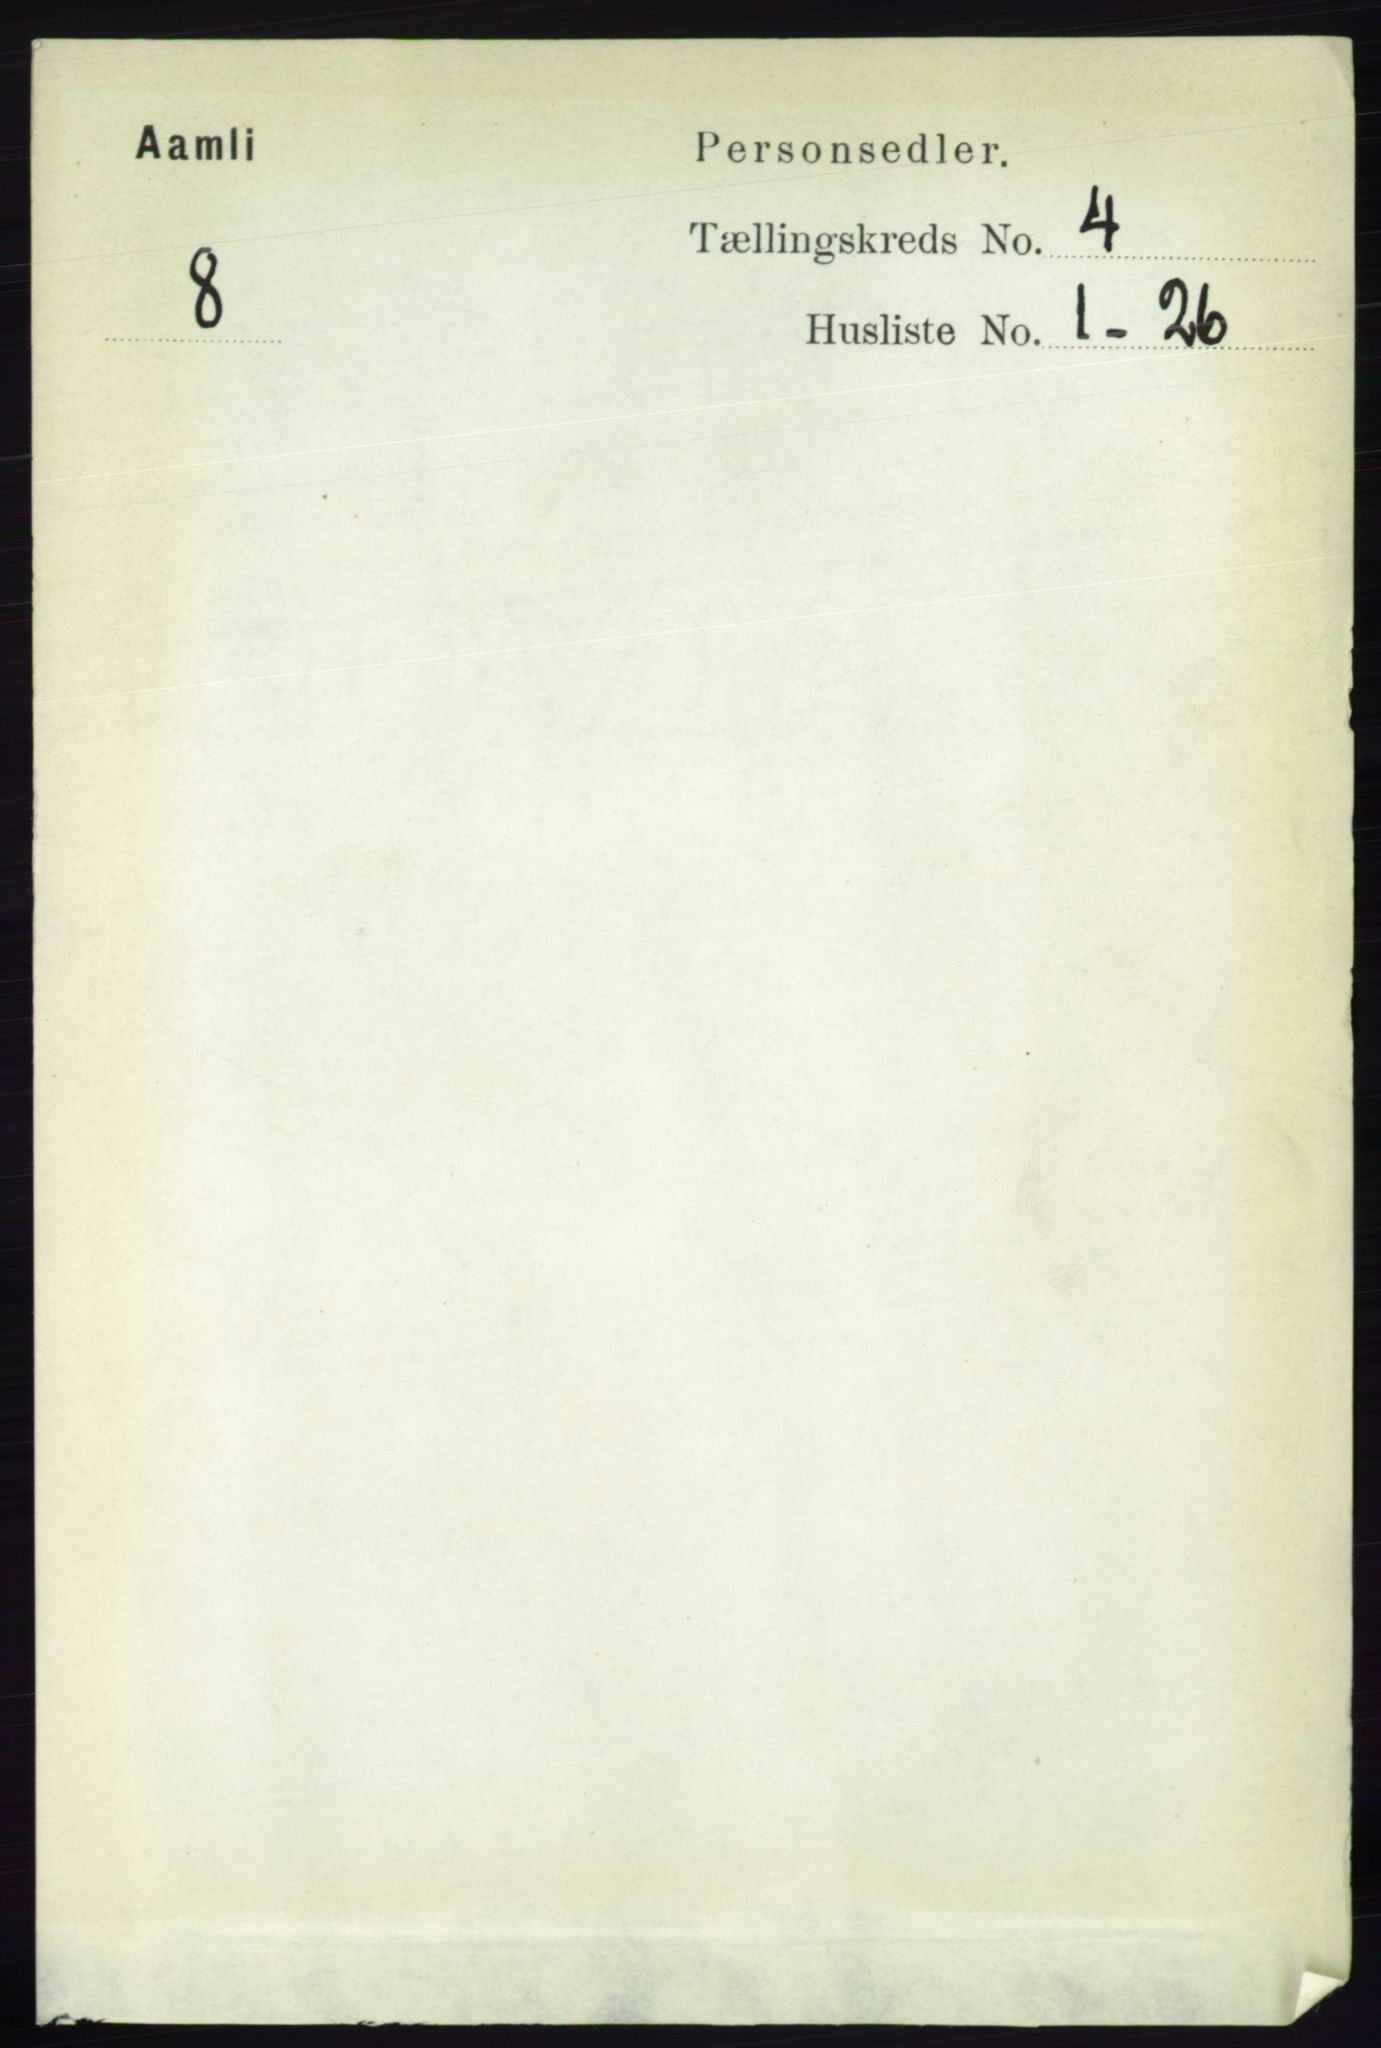 RA, Folketelling 1891 for 0929 Åmli herred, 1891, s. 438